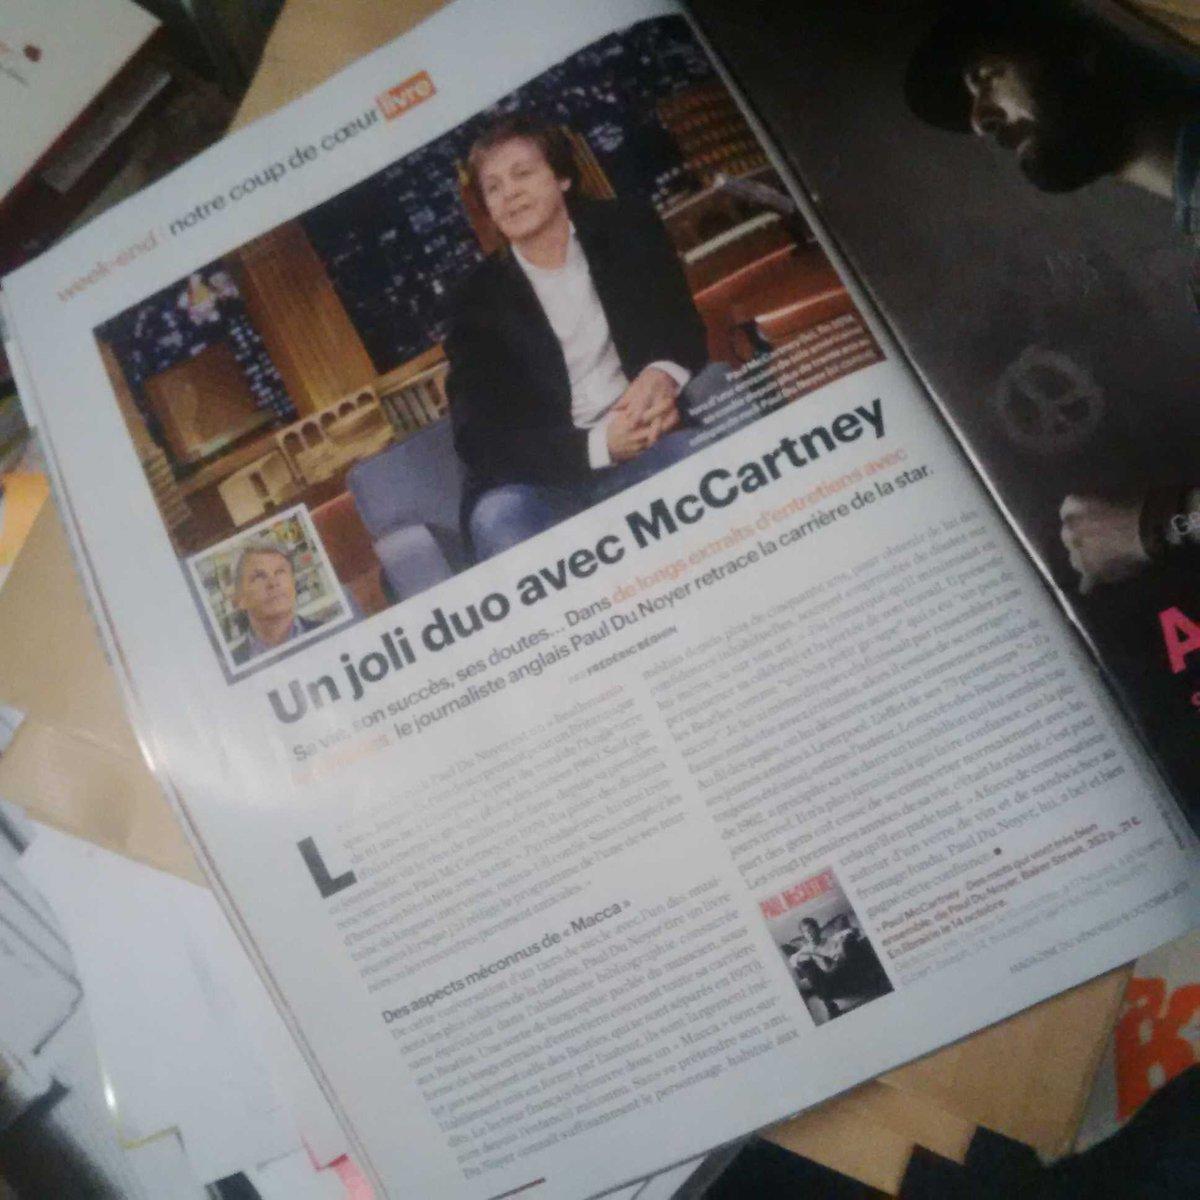 Dans #LeParisienMag bel article sur le livre de #PaulduNoyer et @PaulMcCartney signé @fredbeghin !pic.twitter.com/YHufvxzwO6